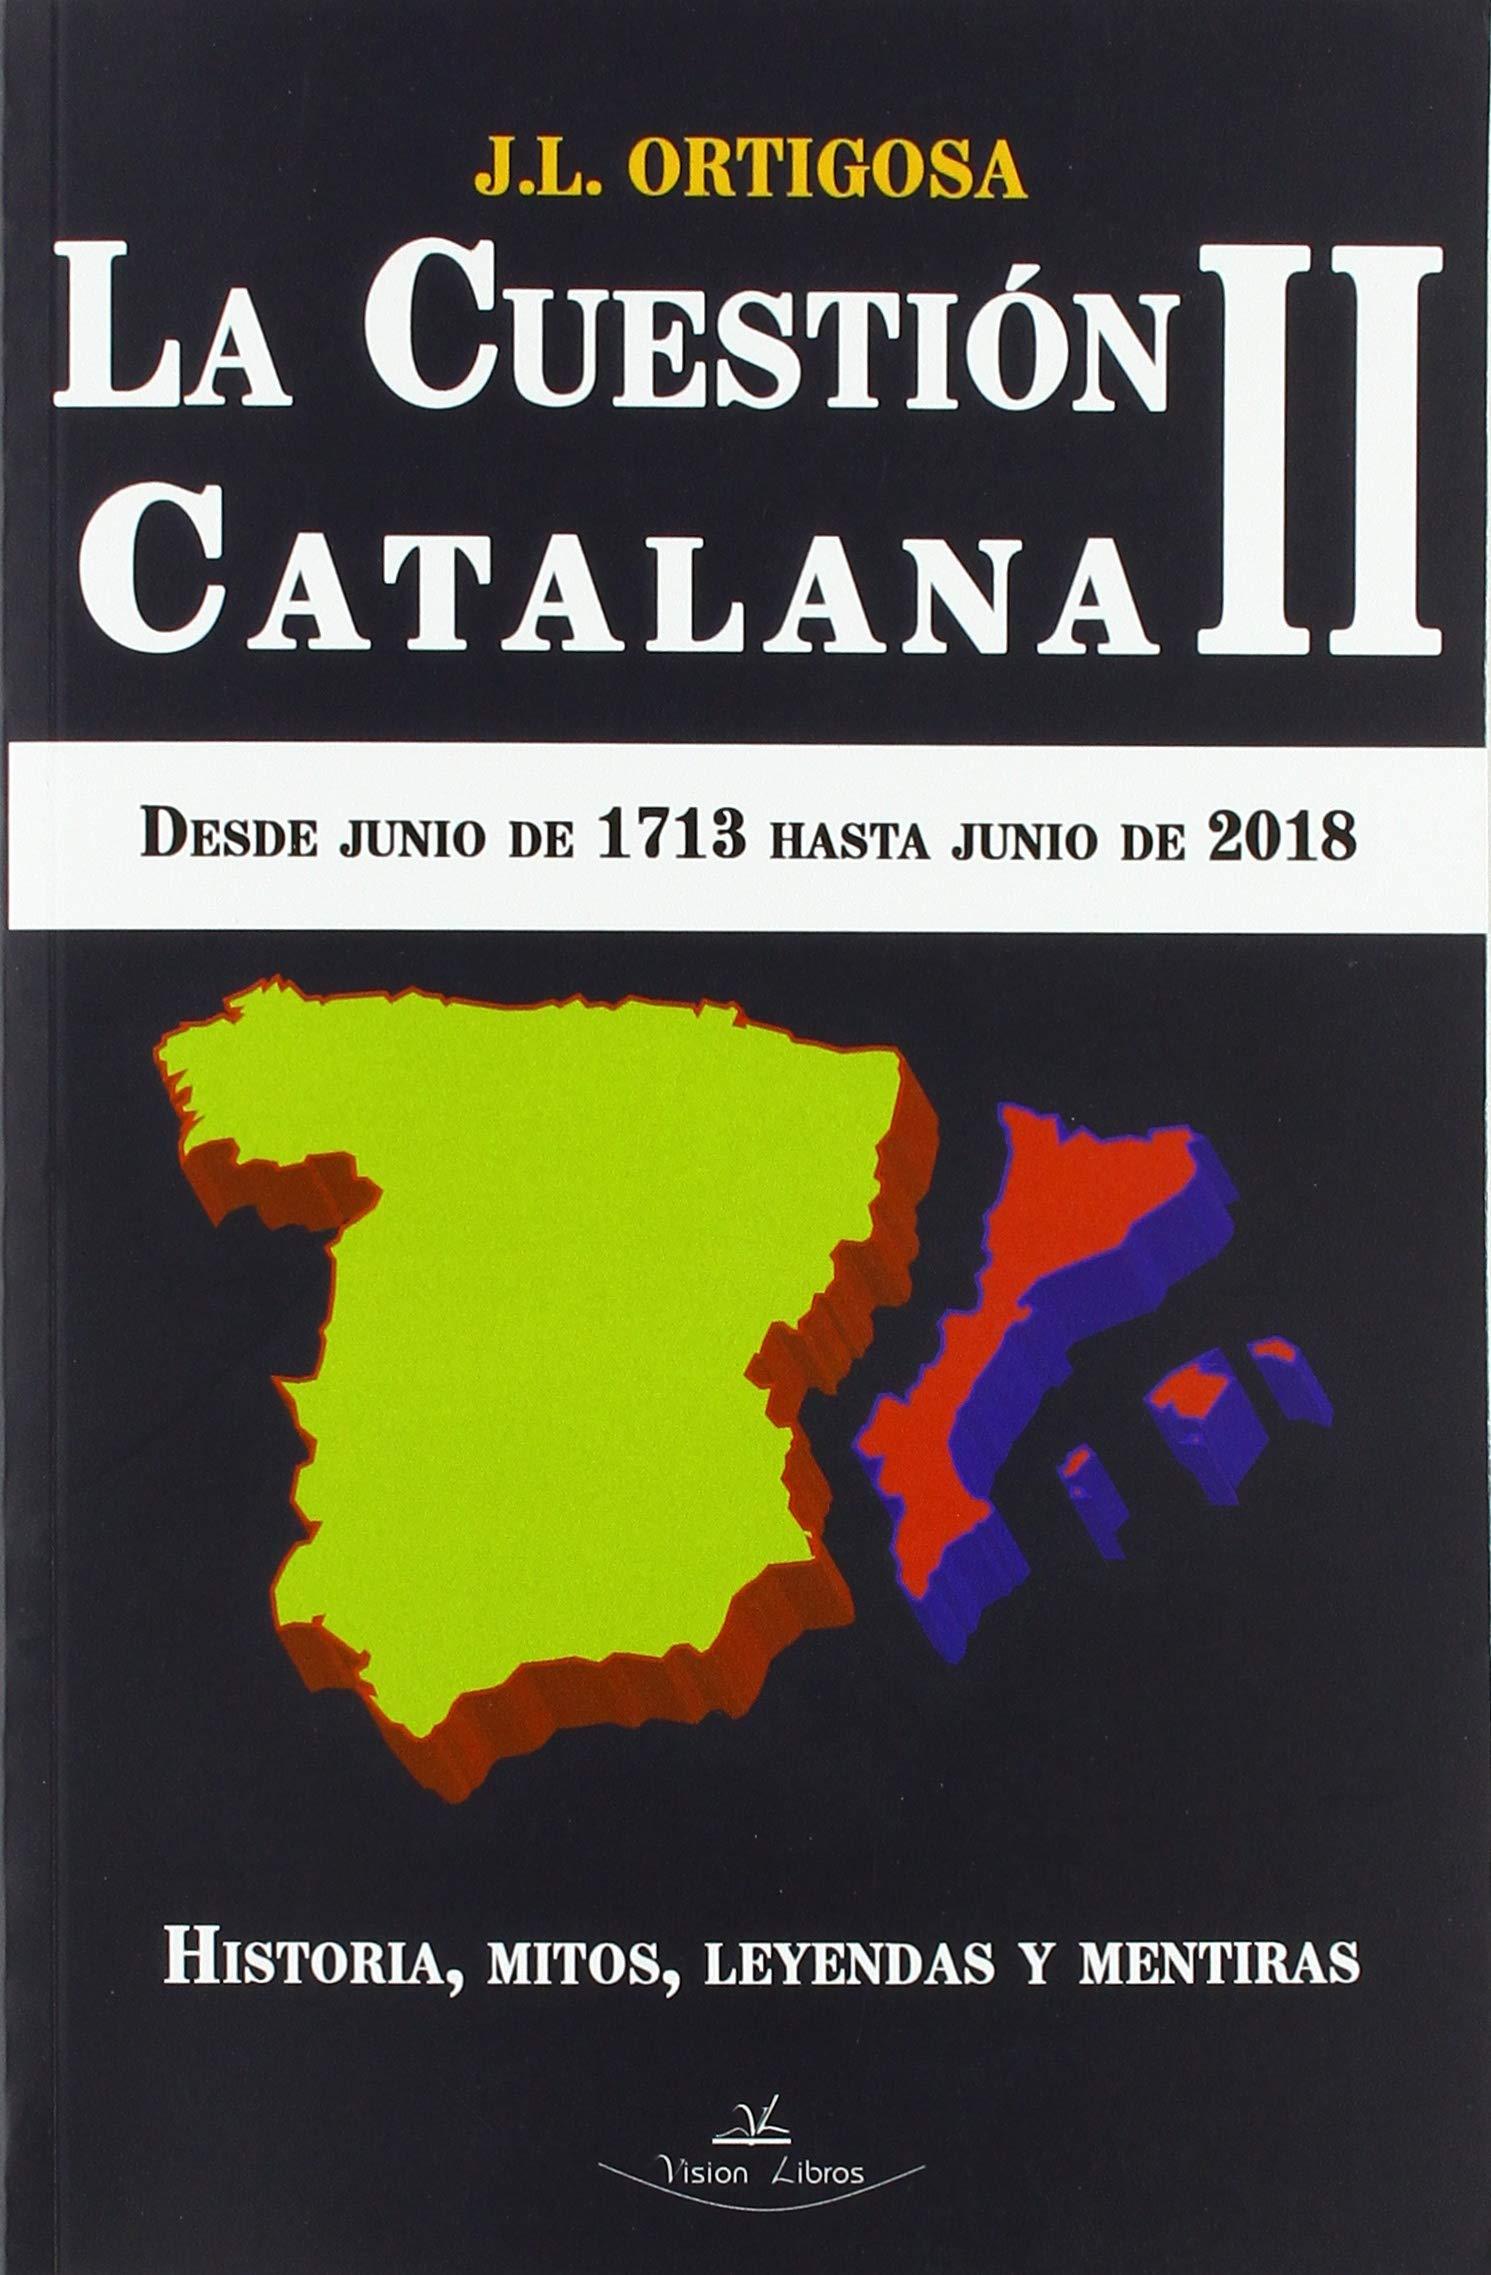 LA CUESTIÓN CATALANA II: Desde junio de 1713 hasta junio de 2018: Amazon.es: Ortigosa Martín, José Luis: Libros